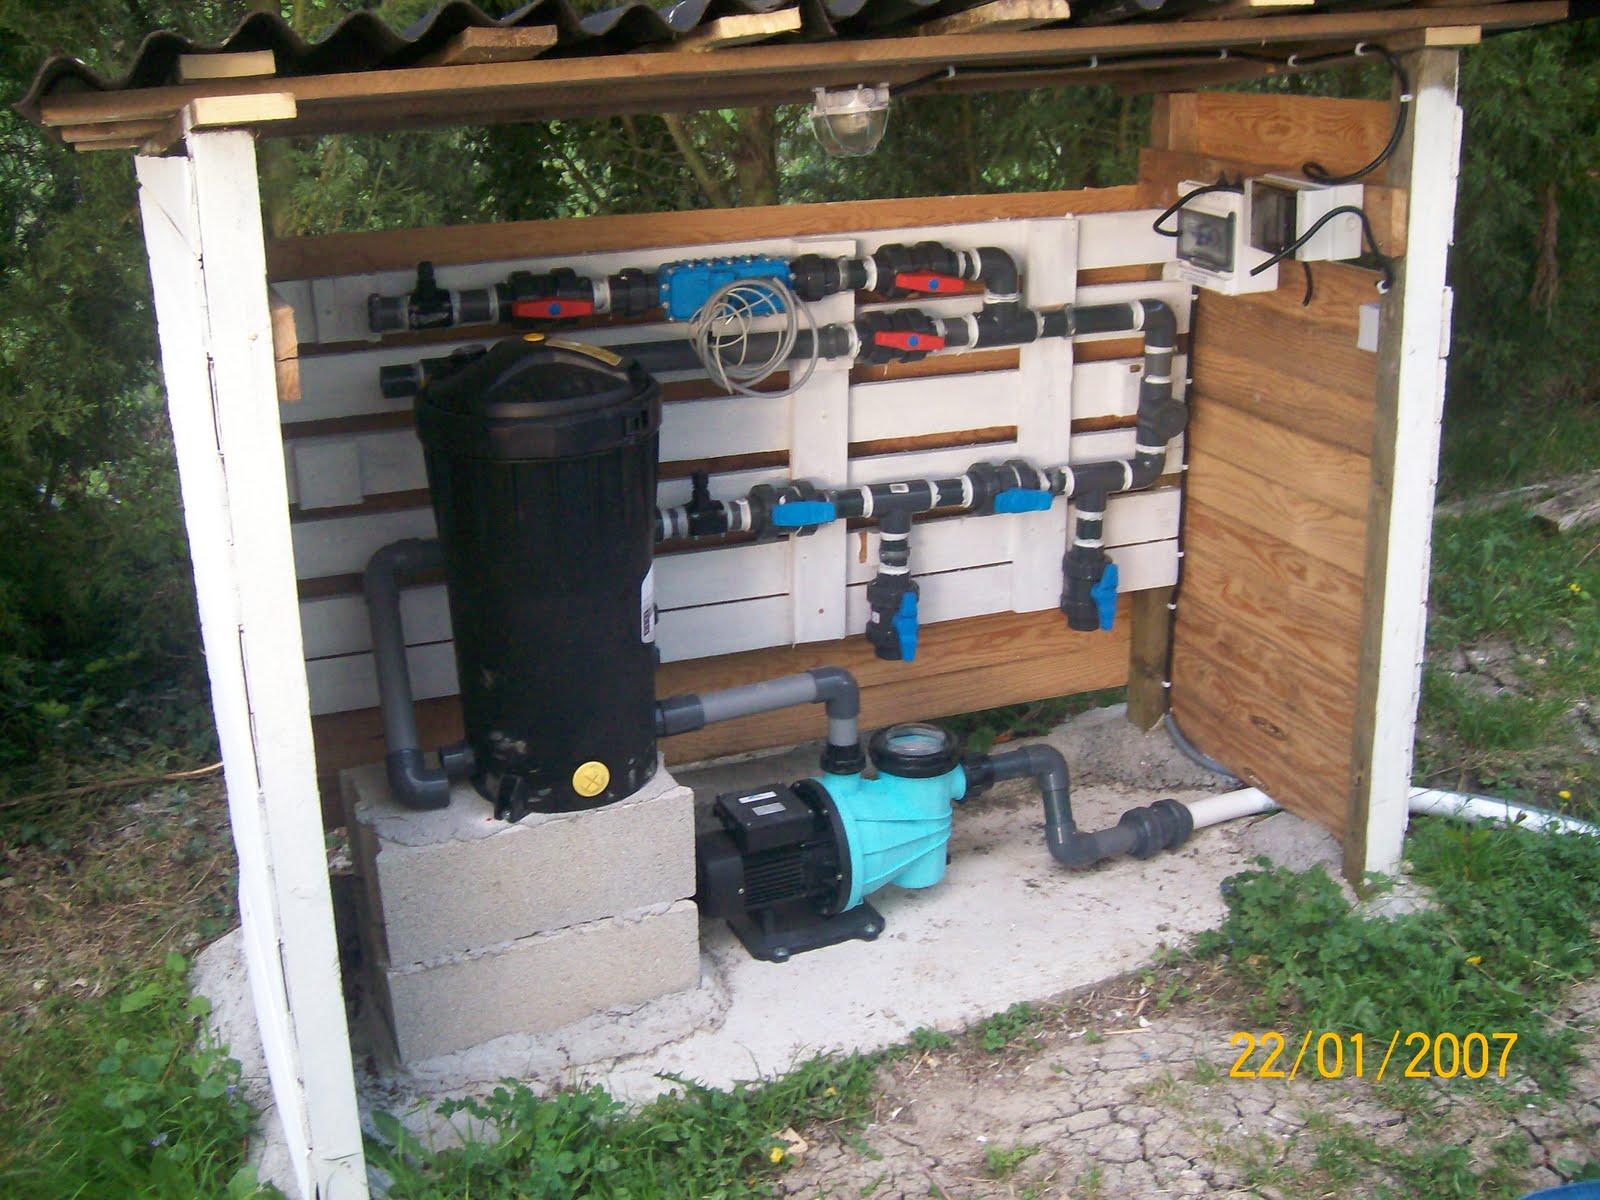 Notre olivia waterair montage etc pr t pour le radier for Kit piscine bois avec pompe a chaleur